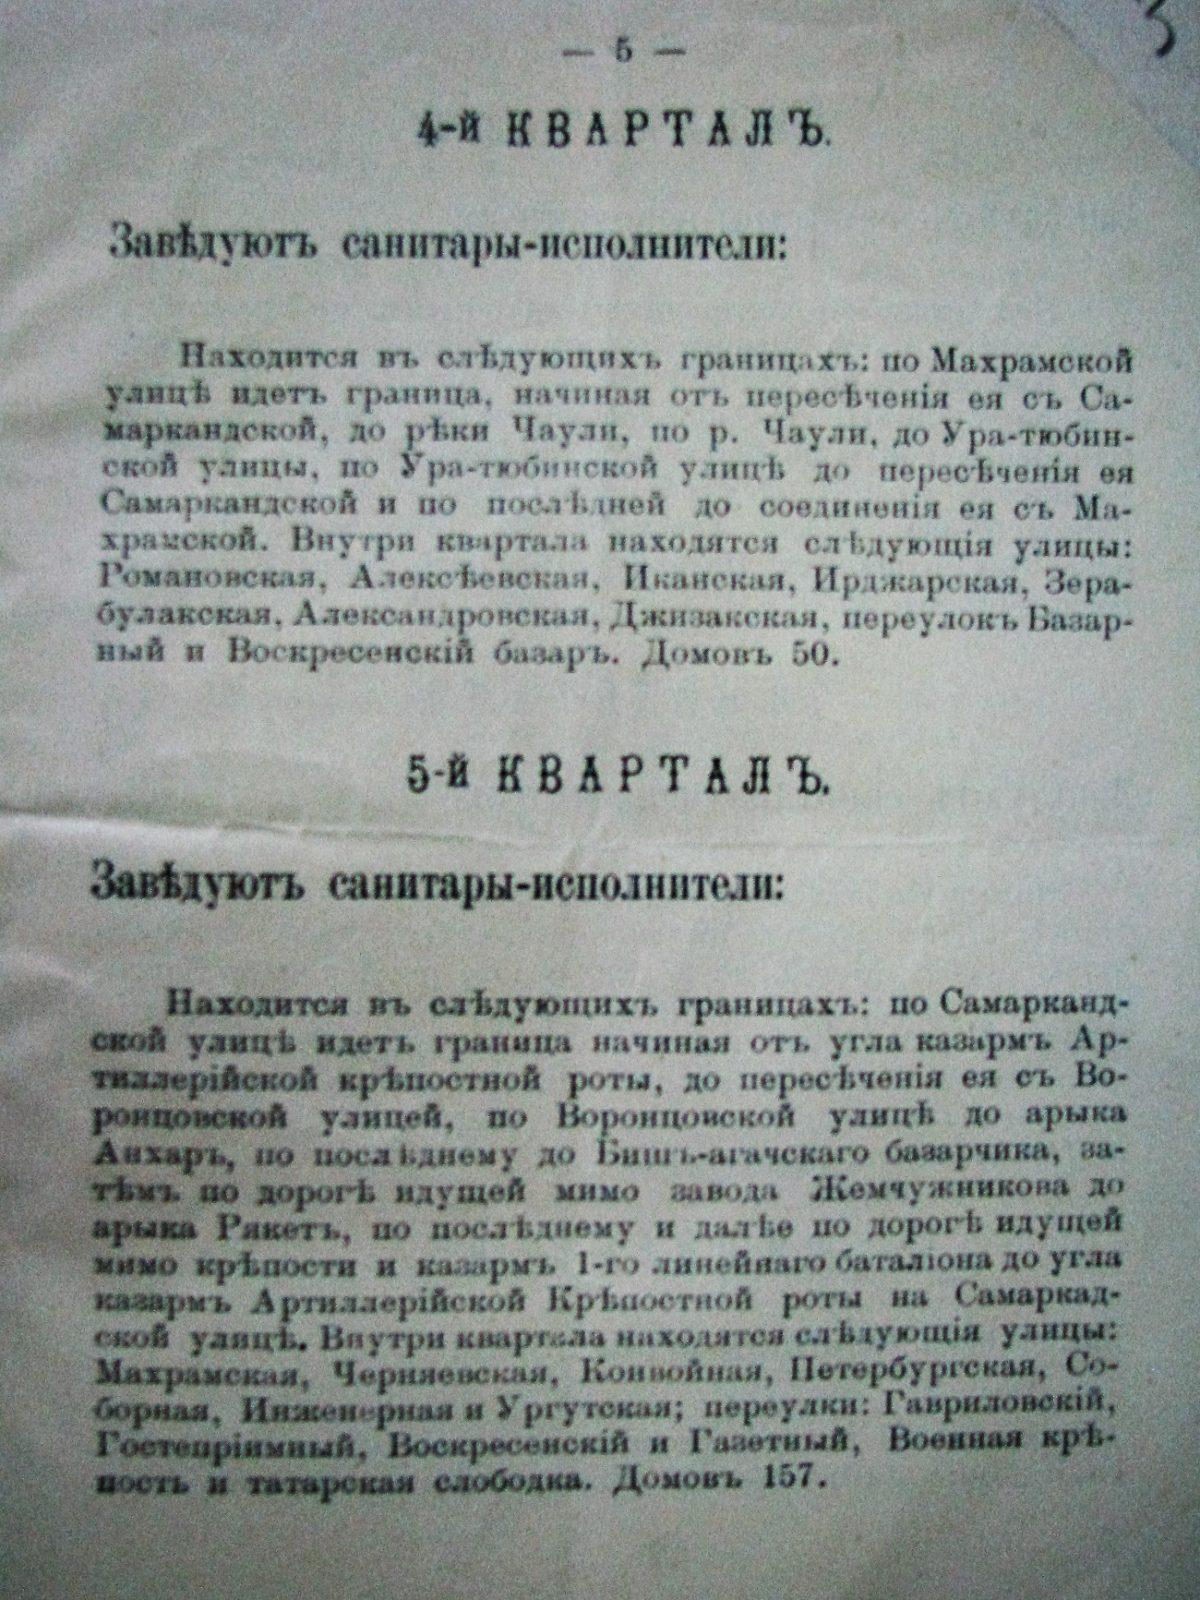 Ташкент_shosh (4)